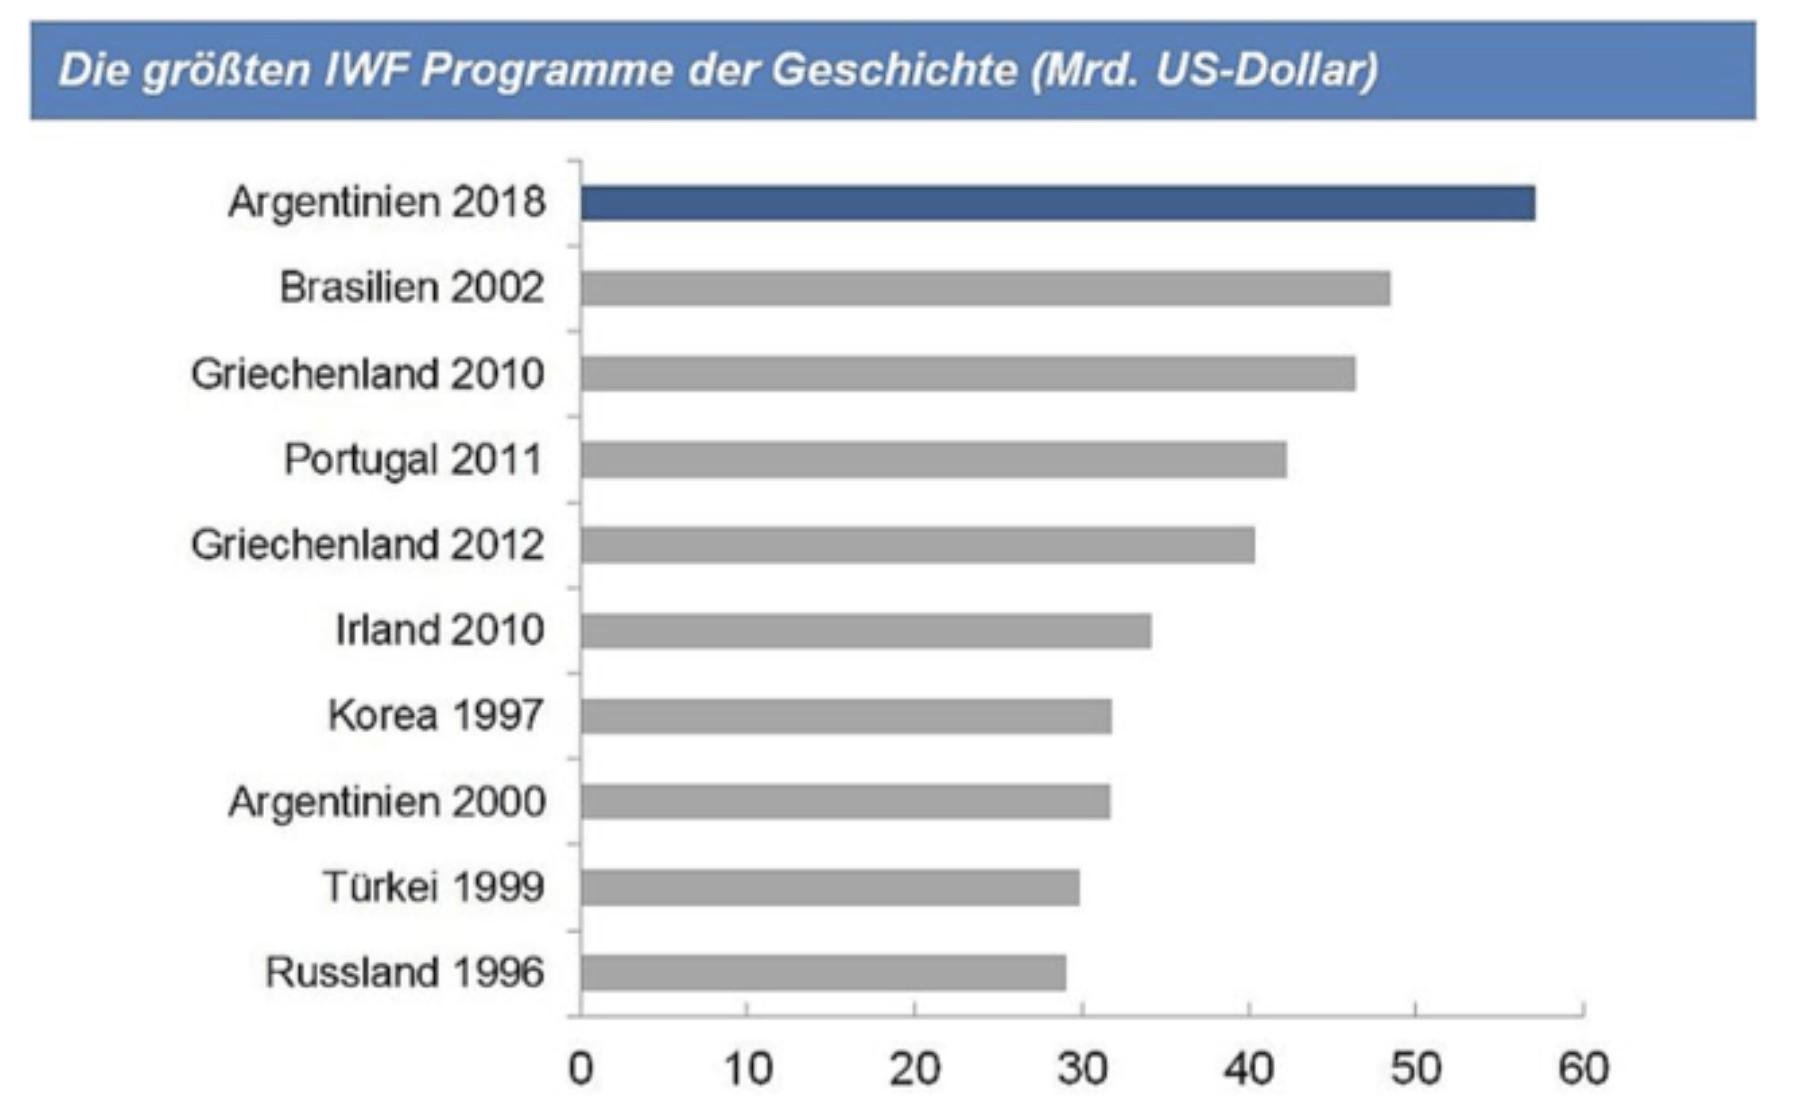 Argentinien größtes IWF-Programm